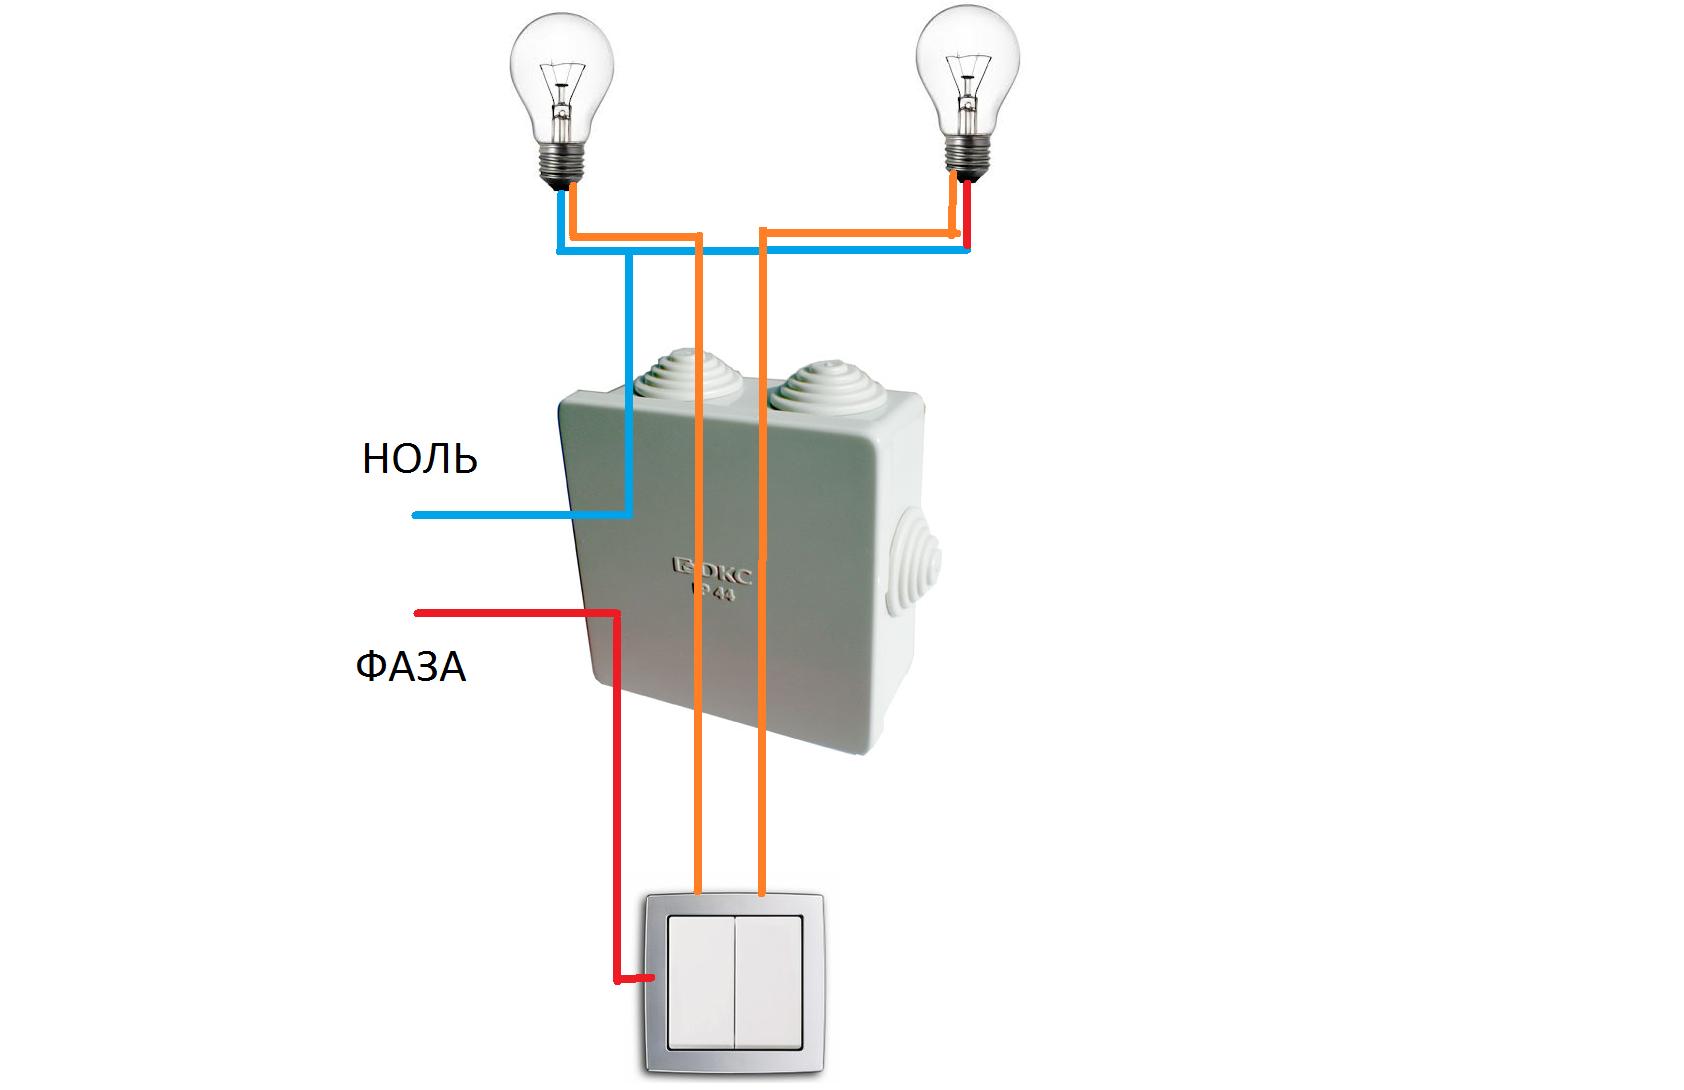 Схема установки выключателя с двумя клавишами